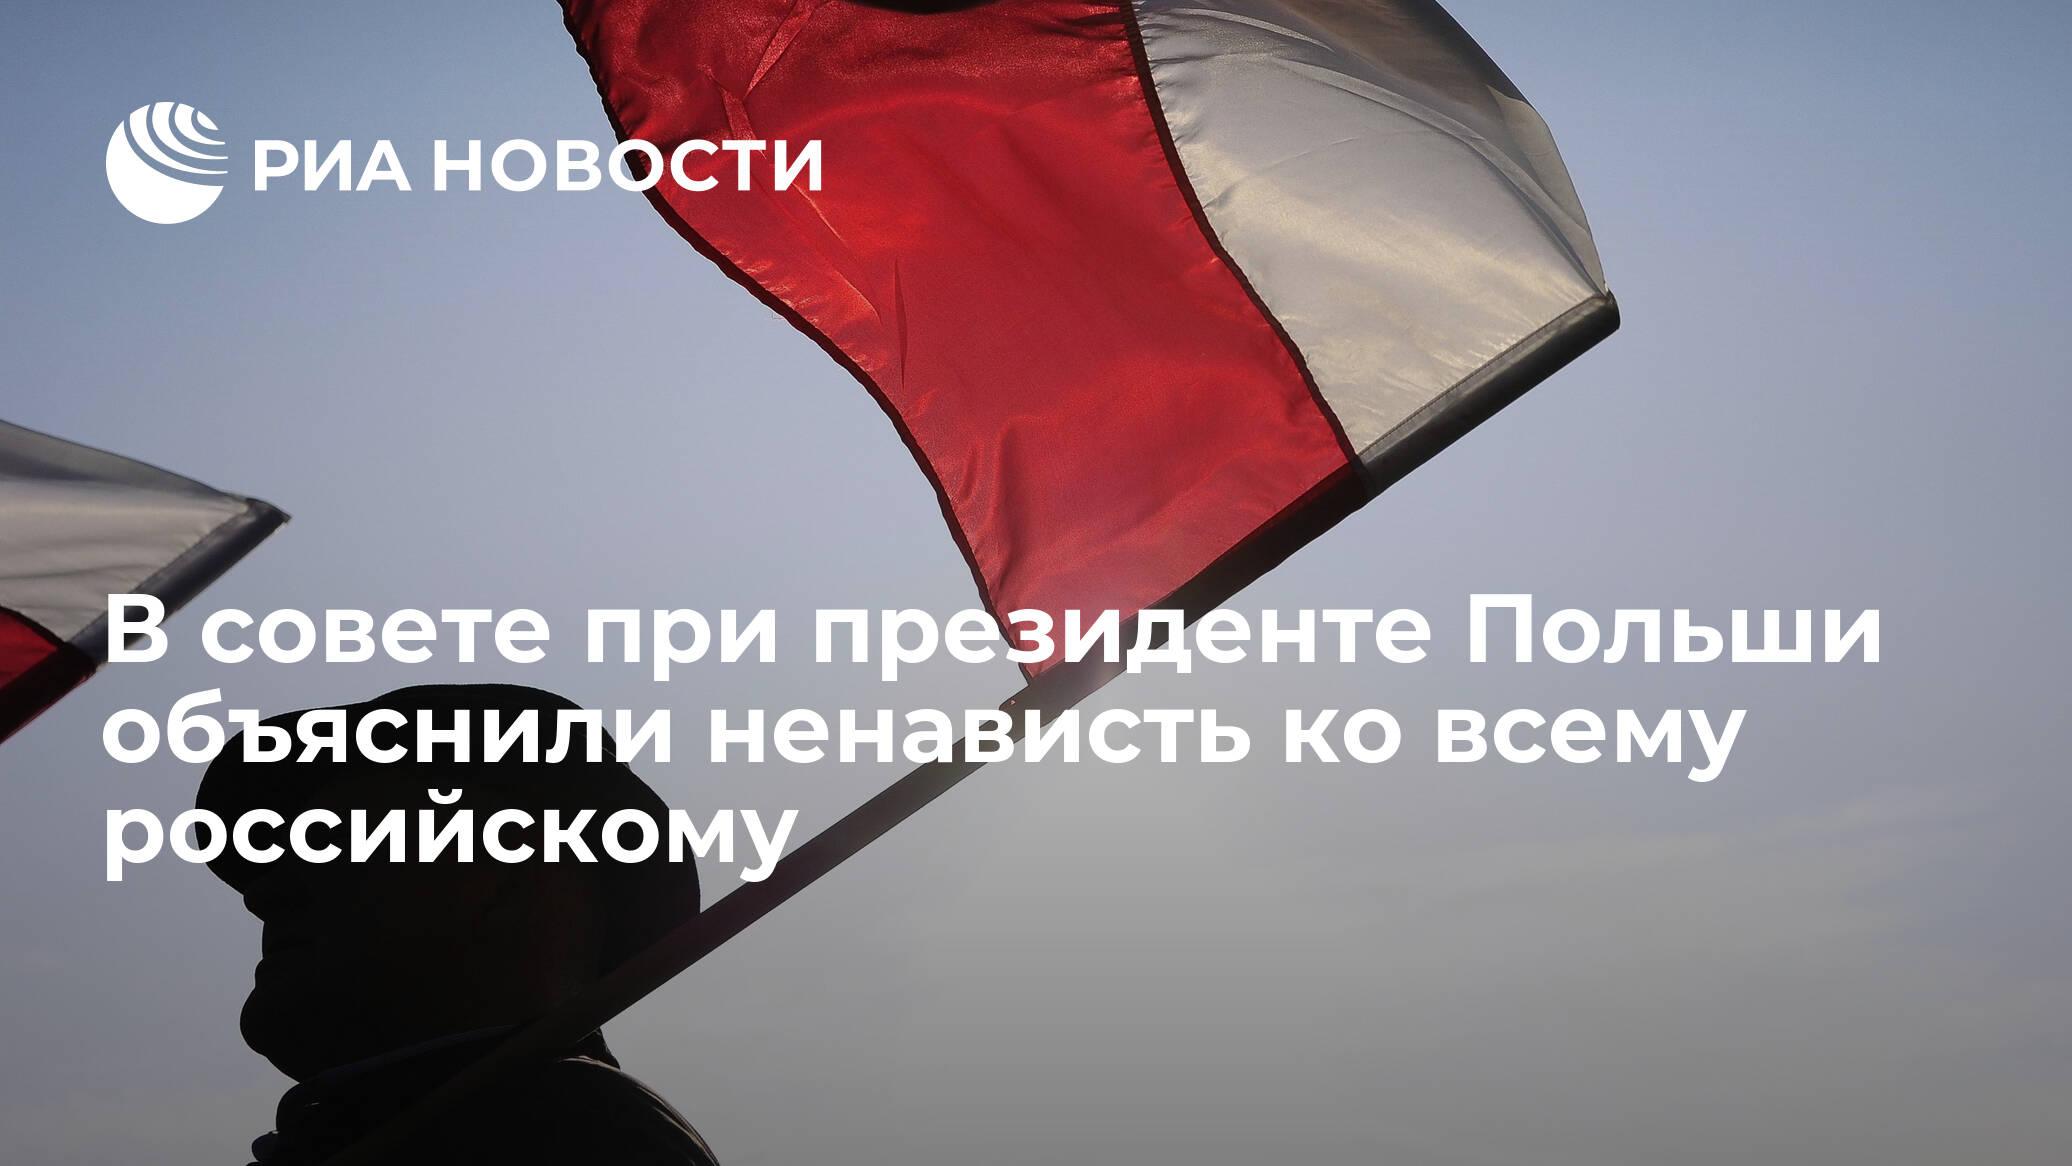 В совете при президенте Польши объяснили ненависть ко всему российскому